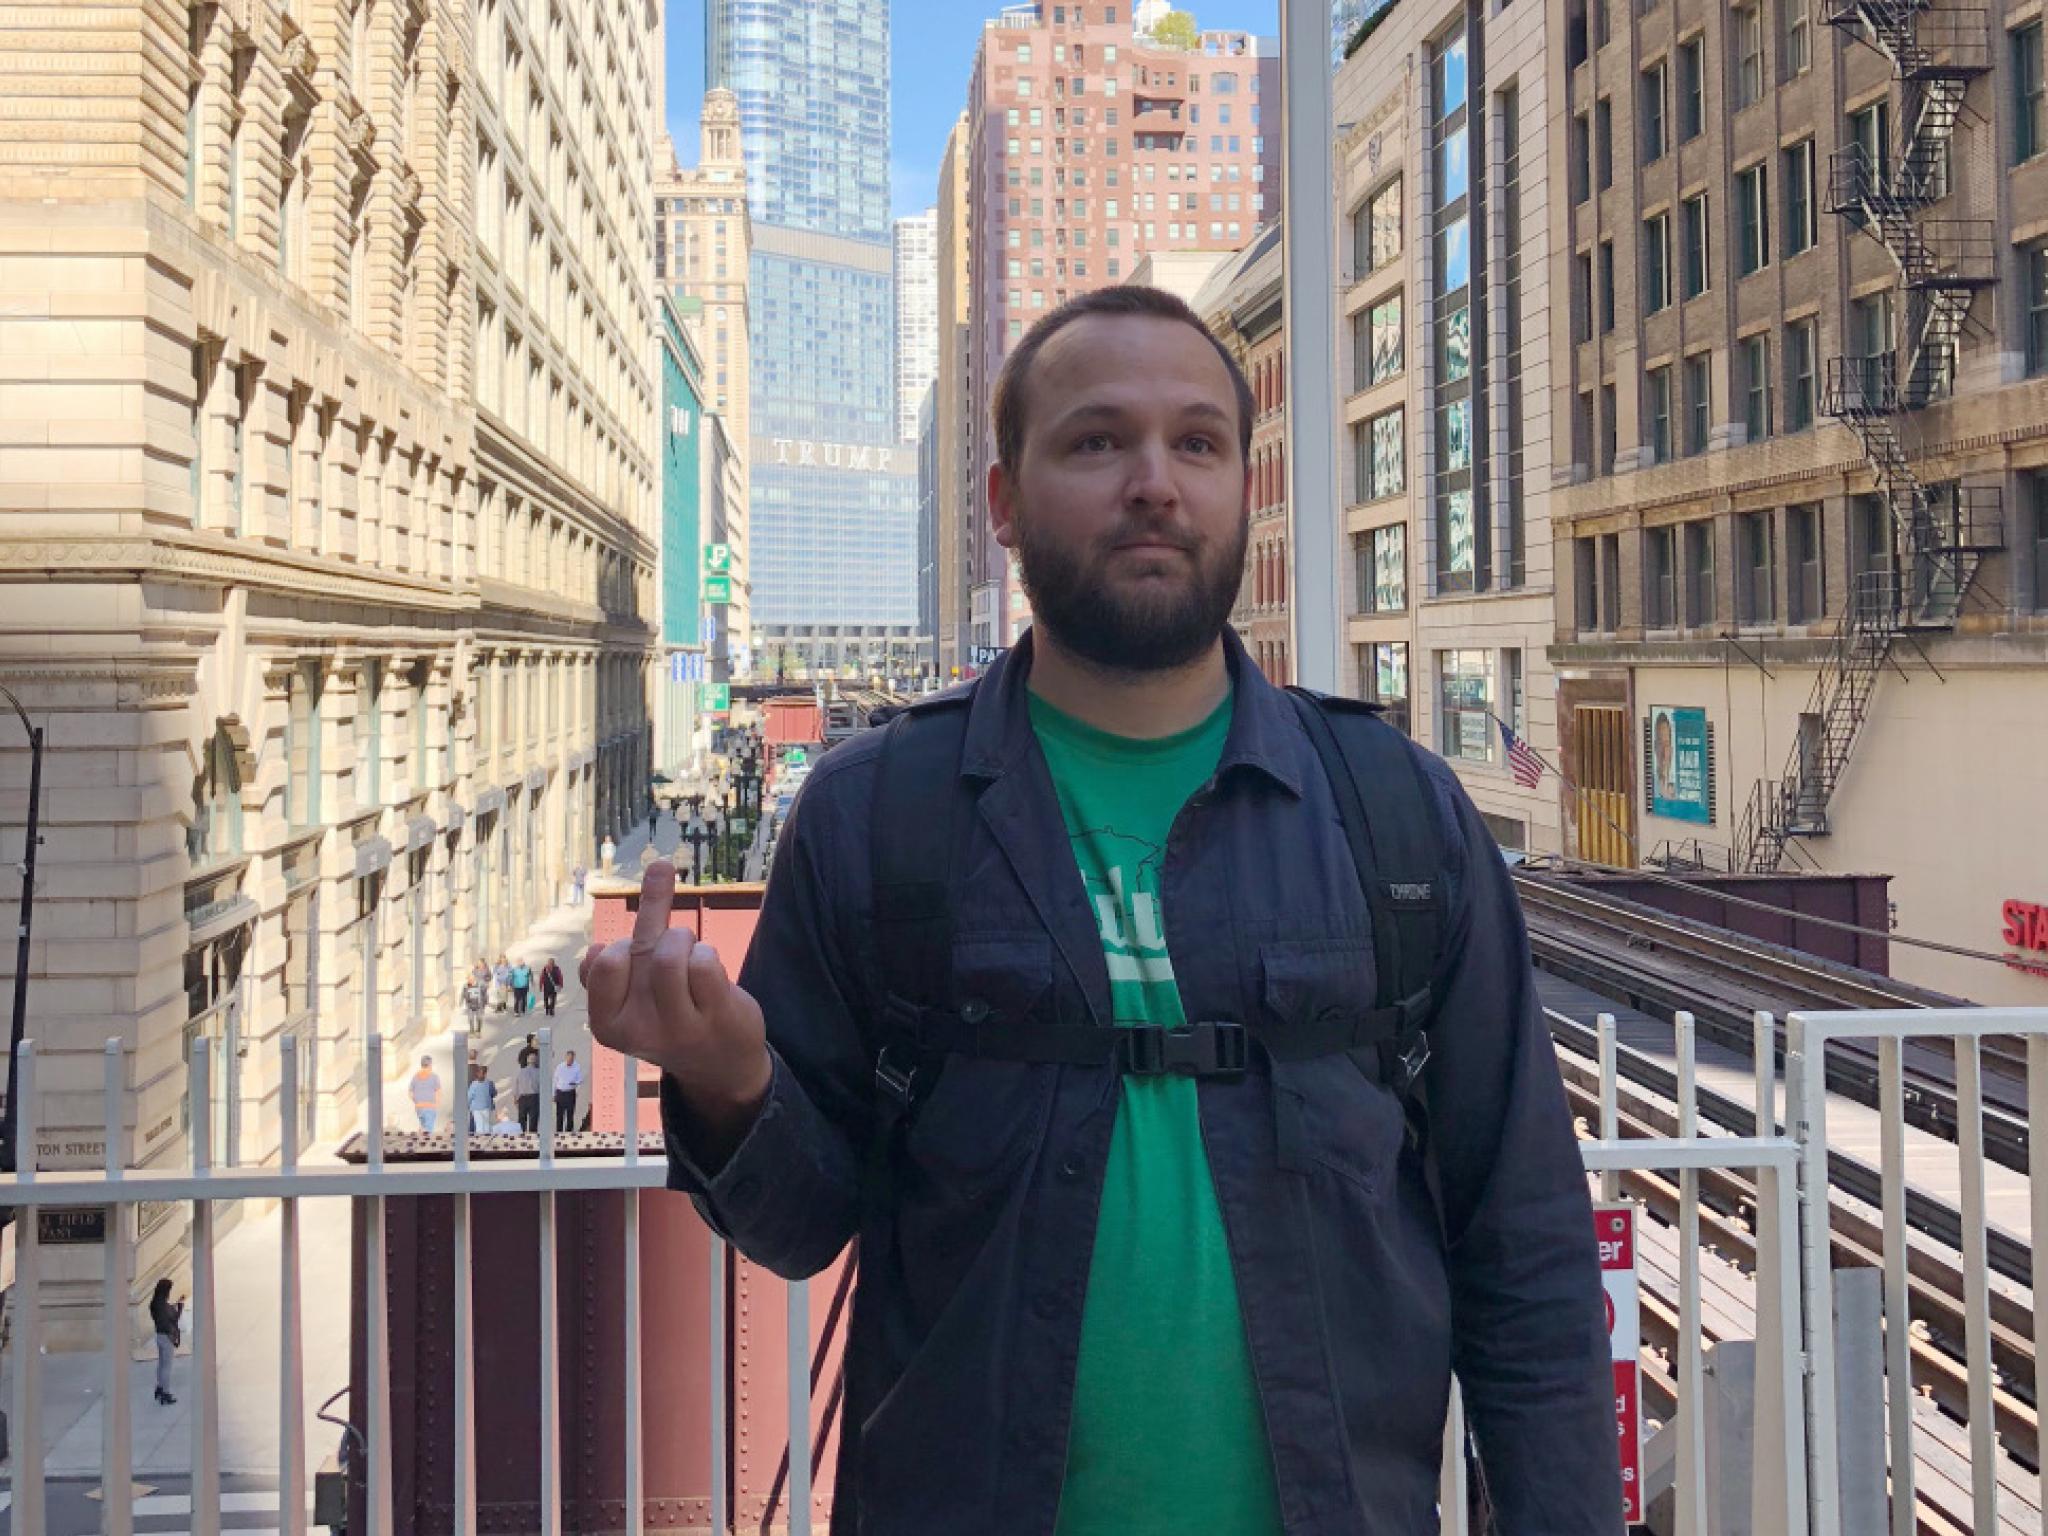 jkdc_round4-chicagoland-photo7.jpg